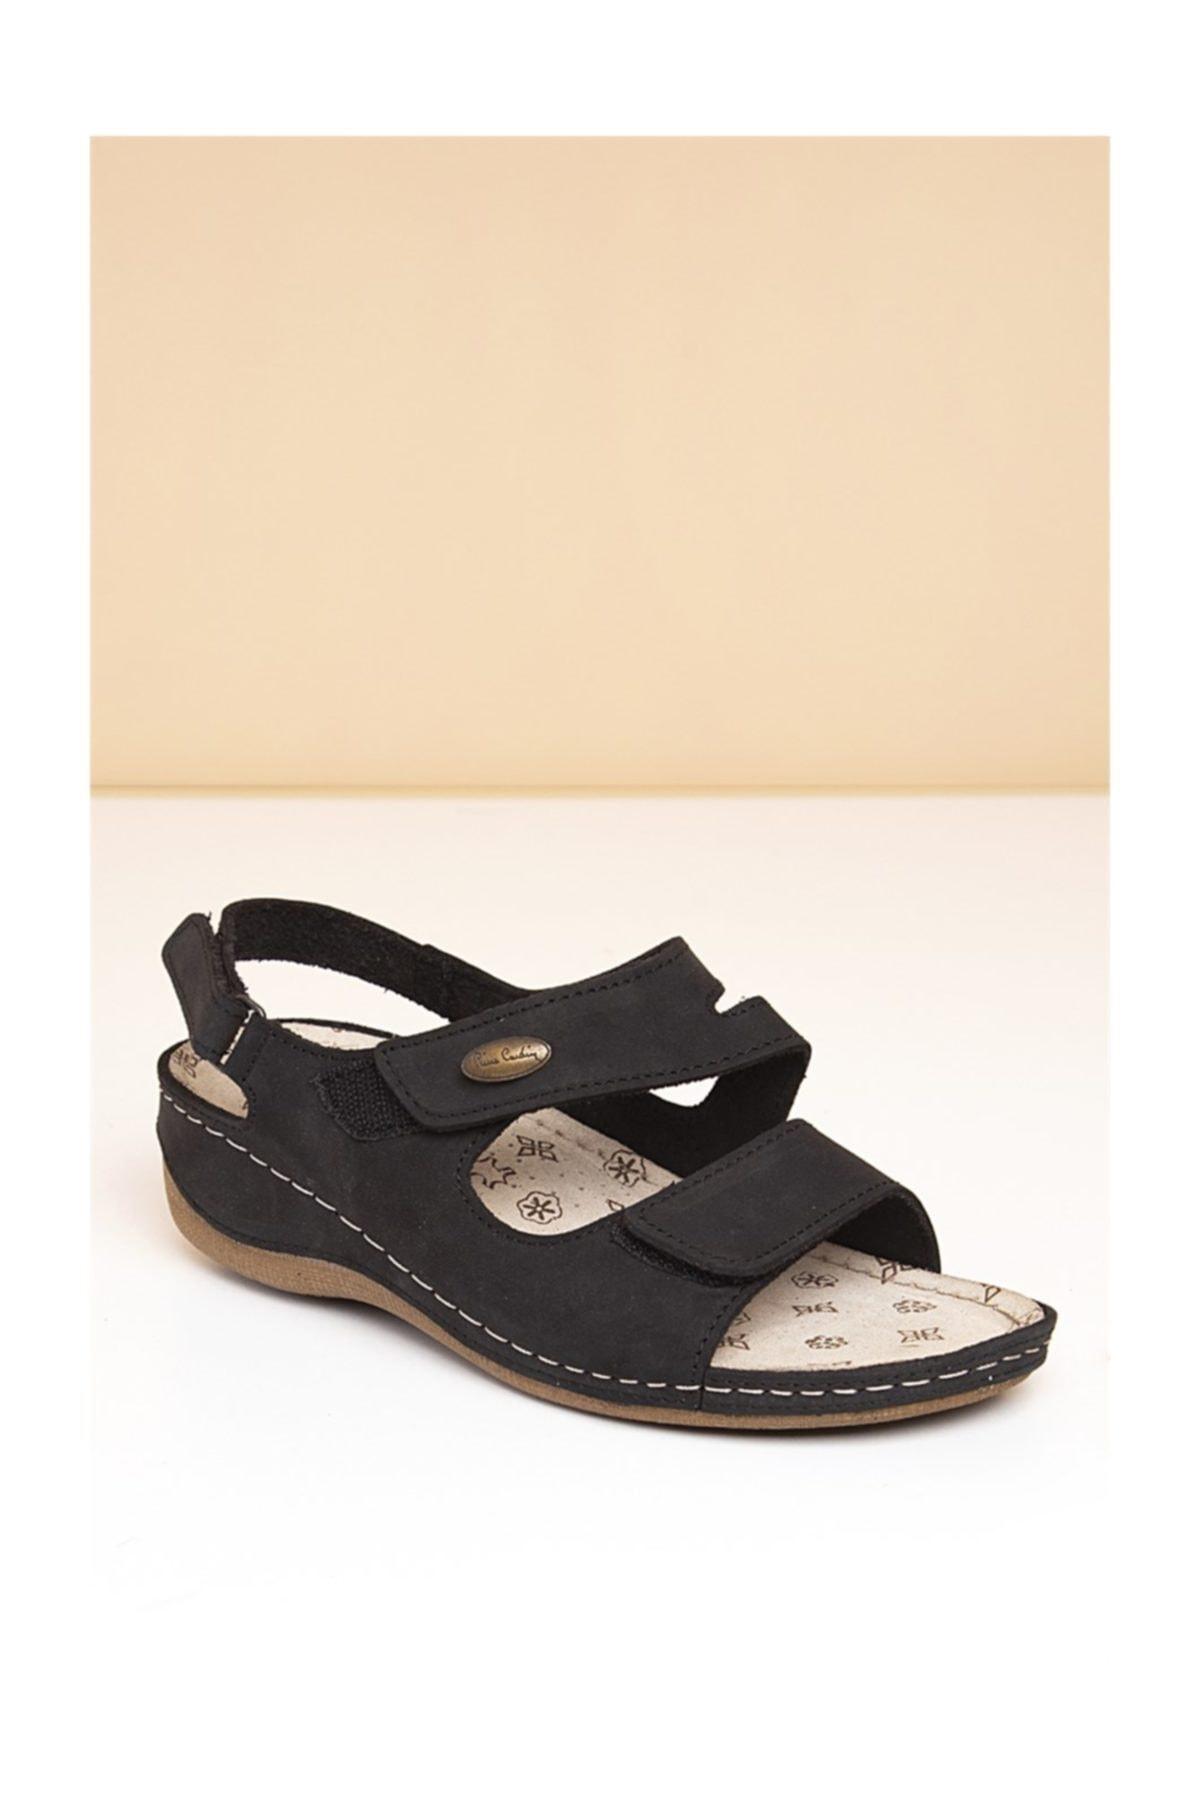 Pierre Cardin PC-2610 Siyah Kadın Sandalet 1